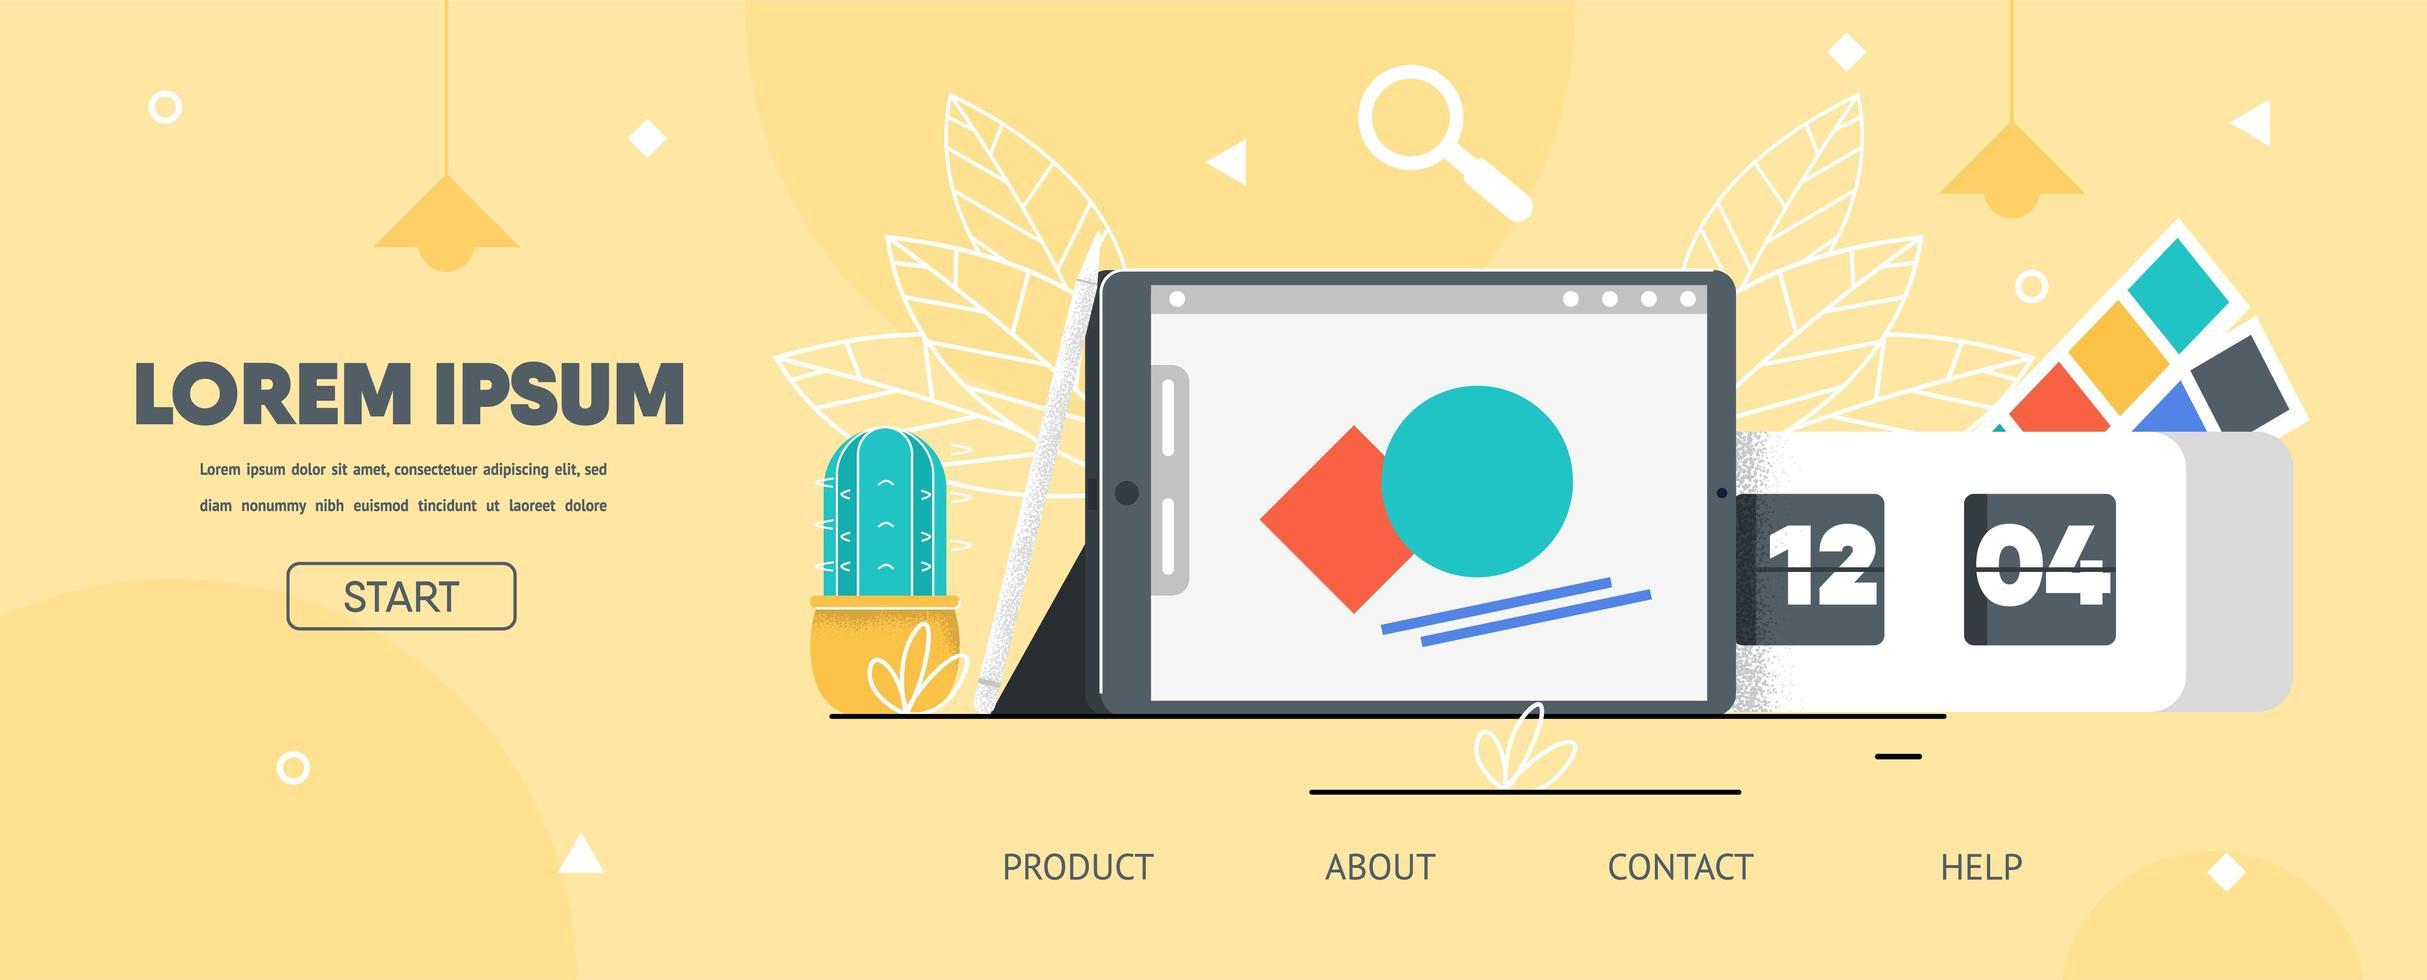 målsida platt layout för grafisk designer app vektor